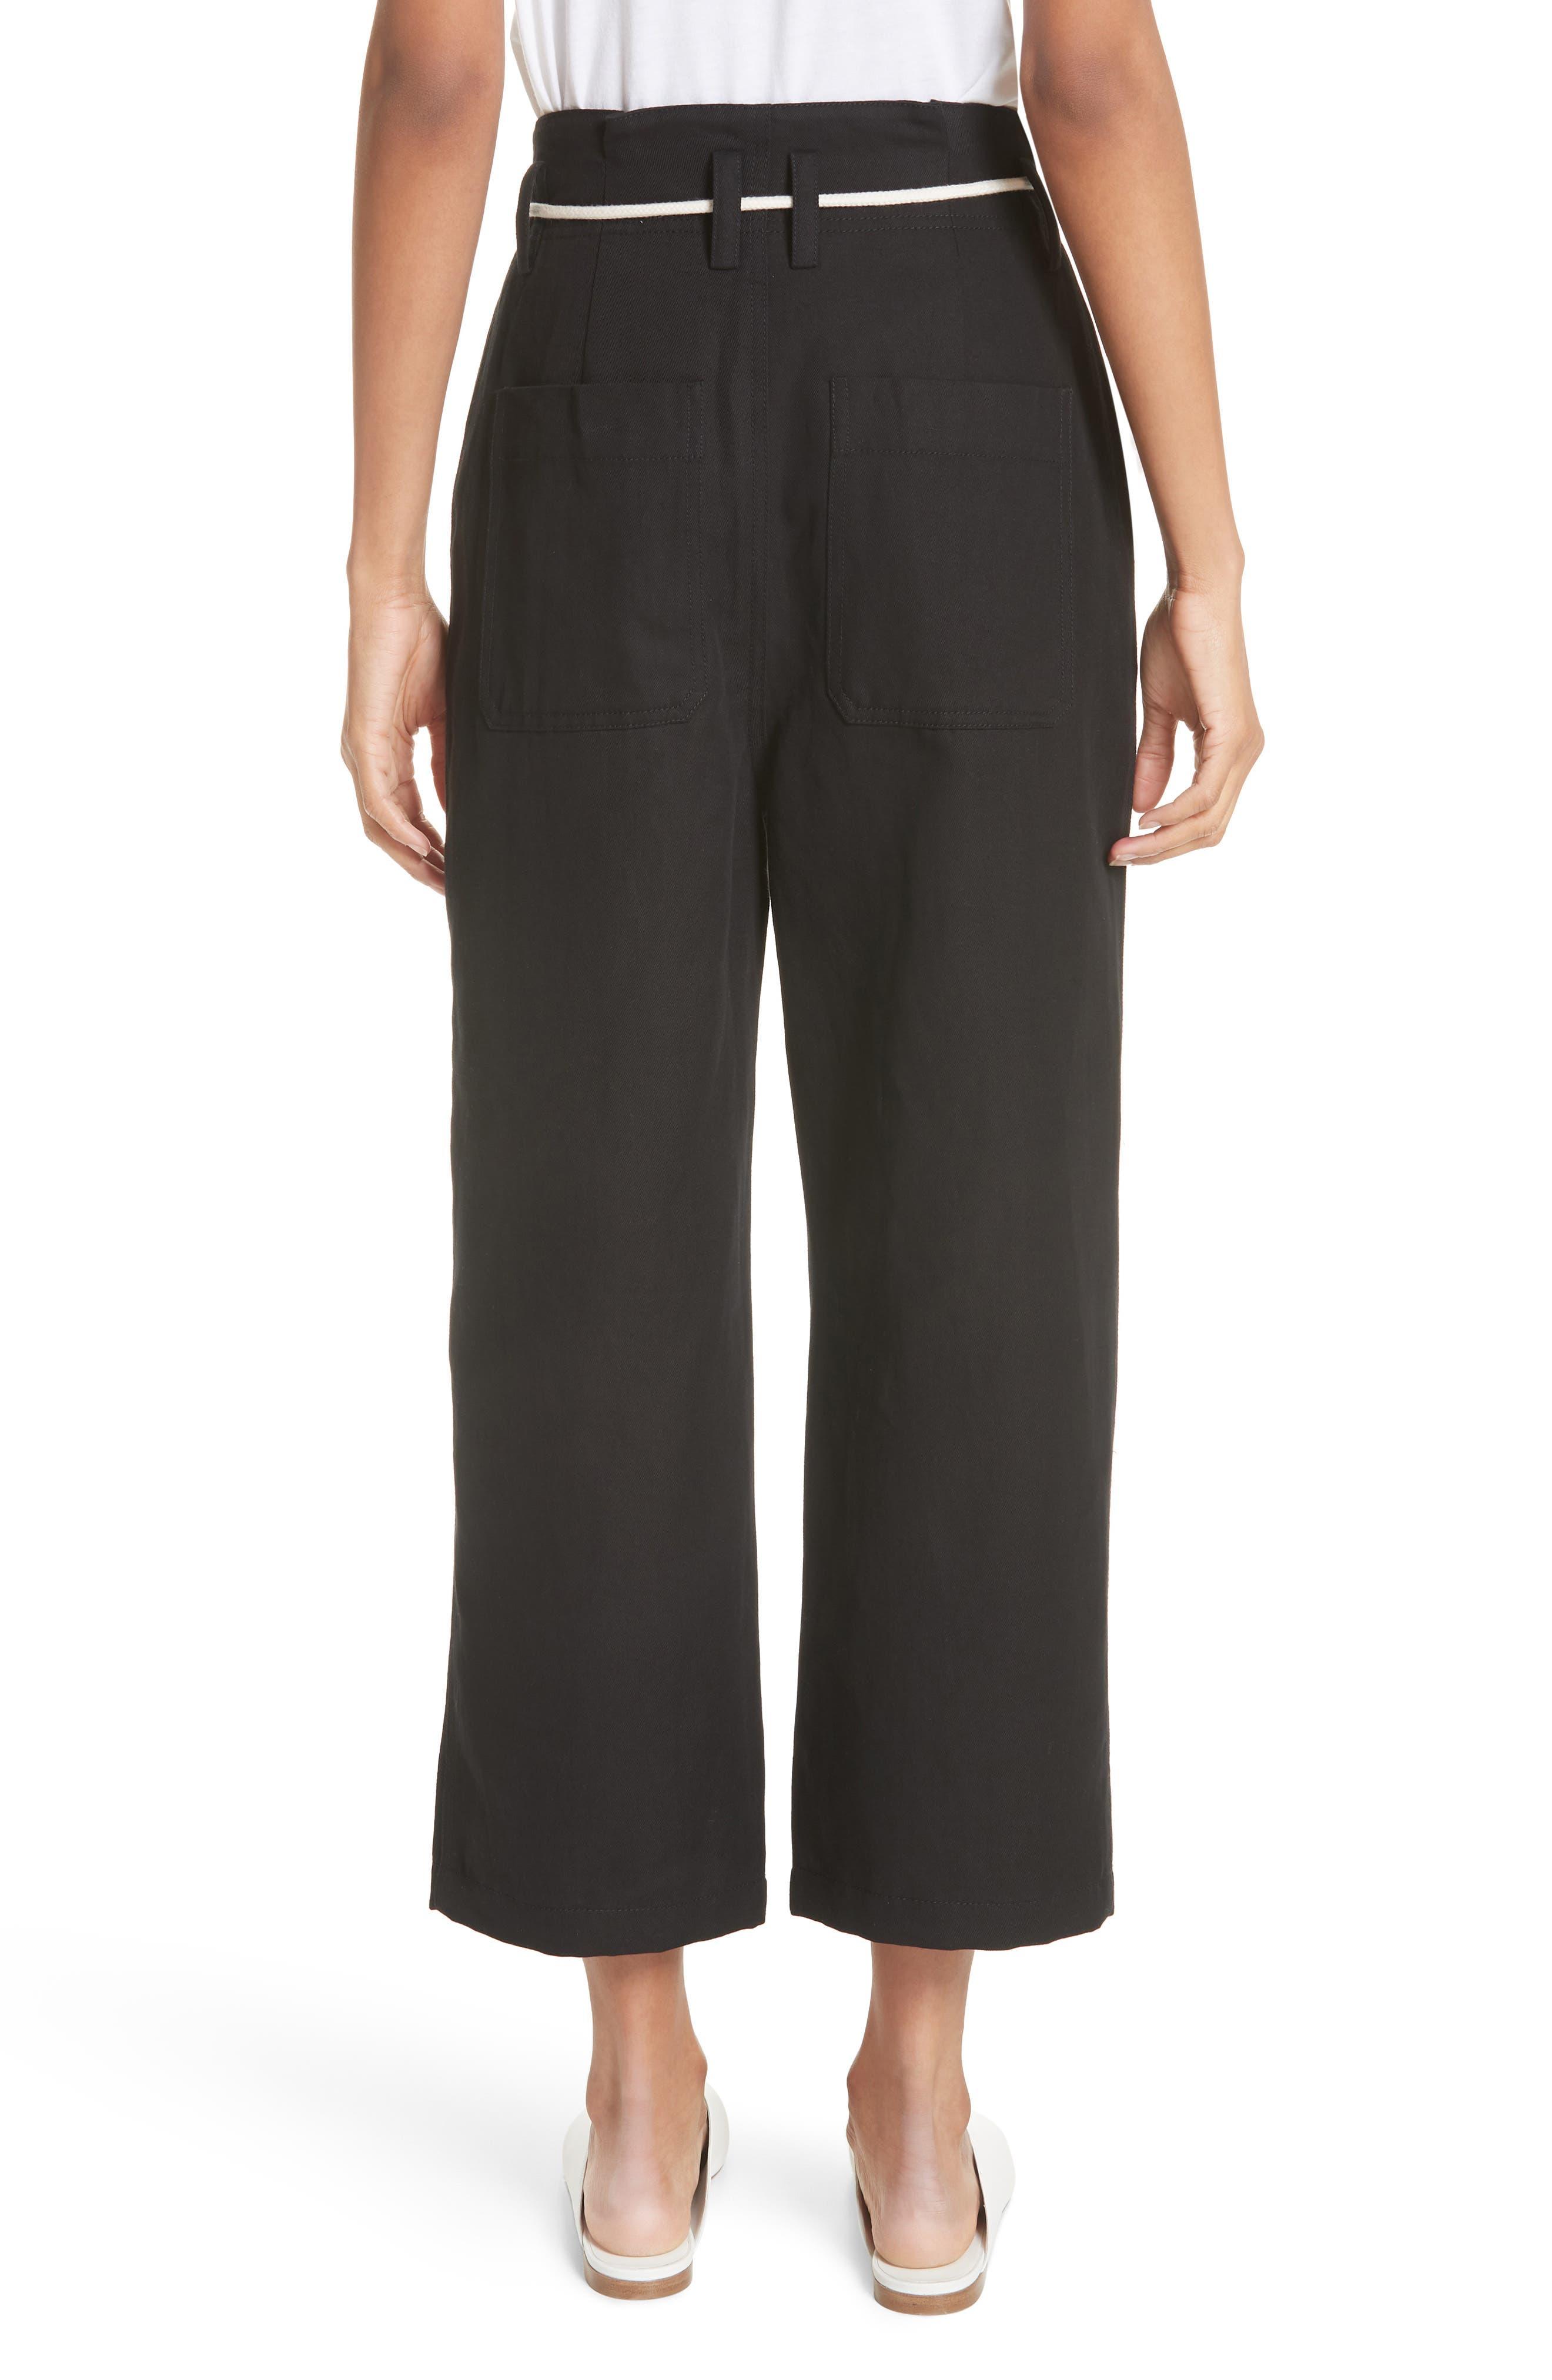 High Rise Linen Cotton Crop Pants,                             Alternate thumbnail 2, color,                             BLACK